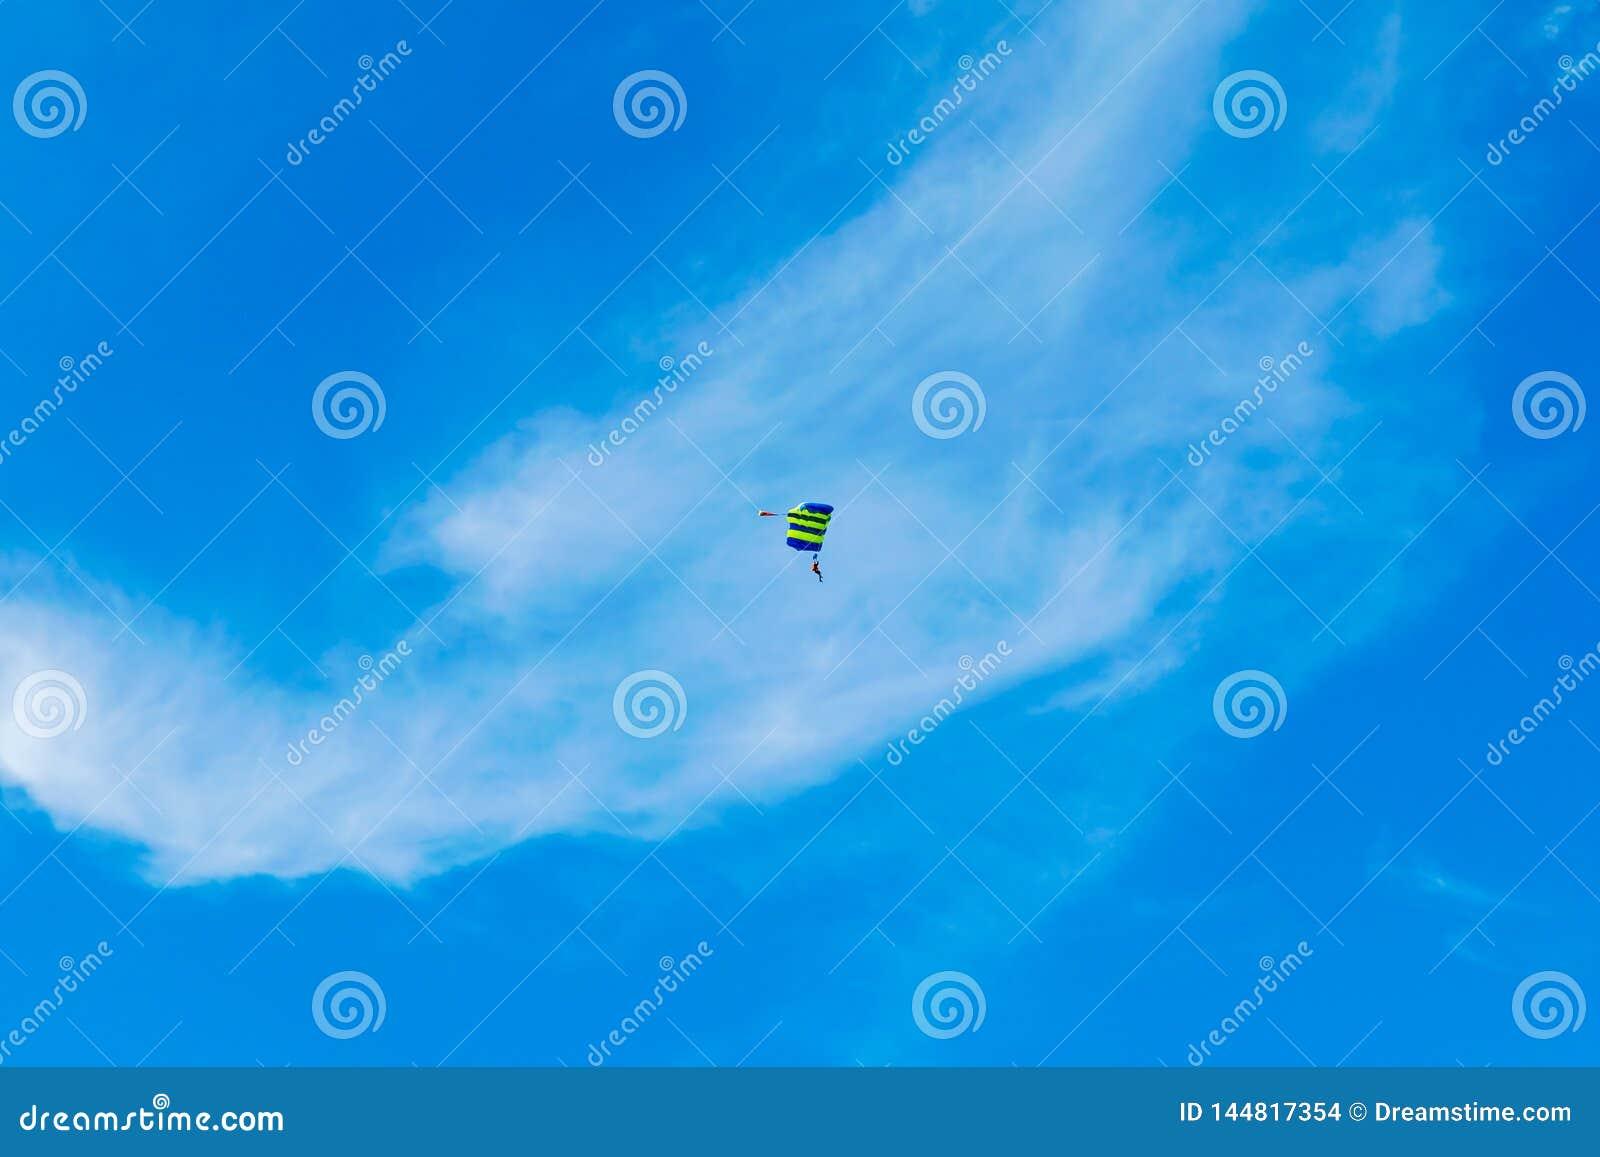 El Skydiver vuela bajo la protección del paracaídas